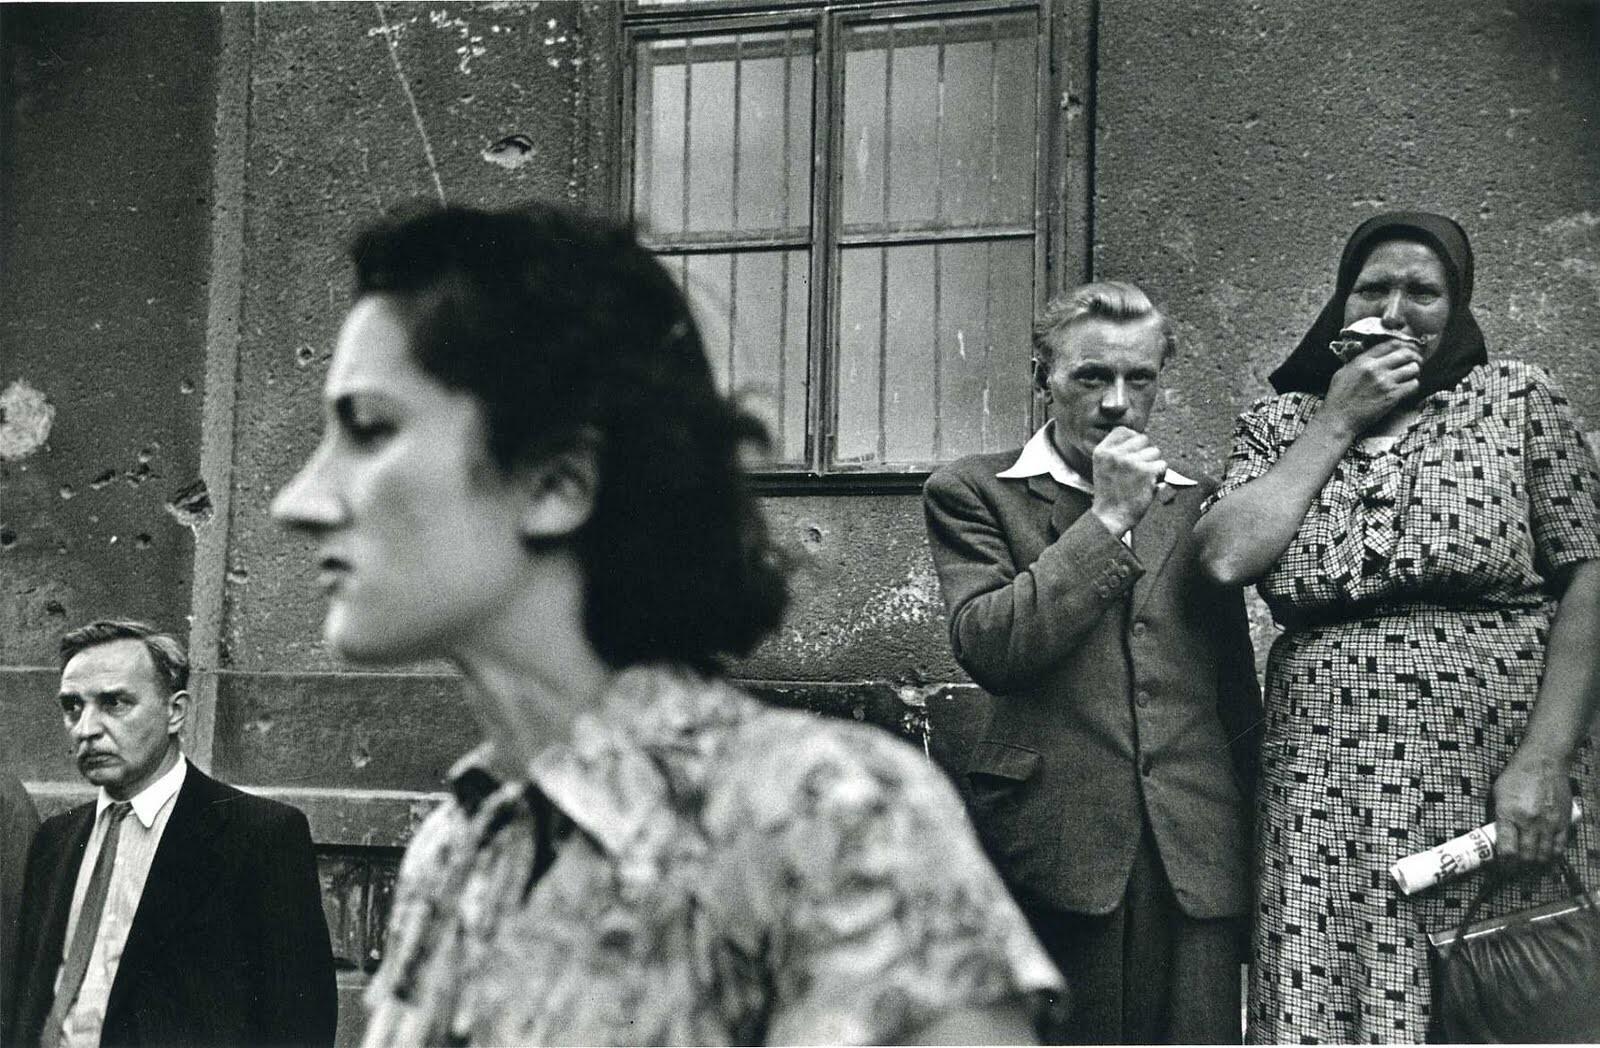 Возвращение военнопленных, Вена, 1946 – 1948. Фотограф Эрнст Хаас